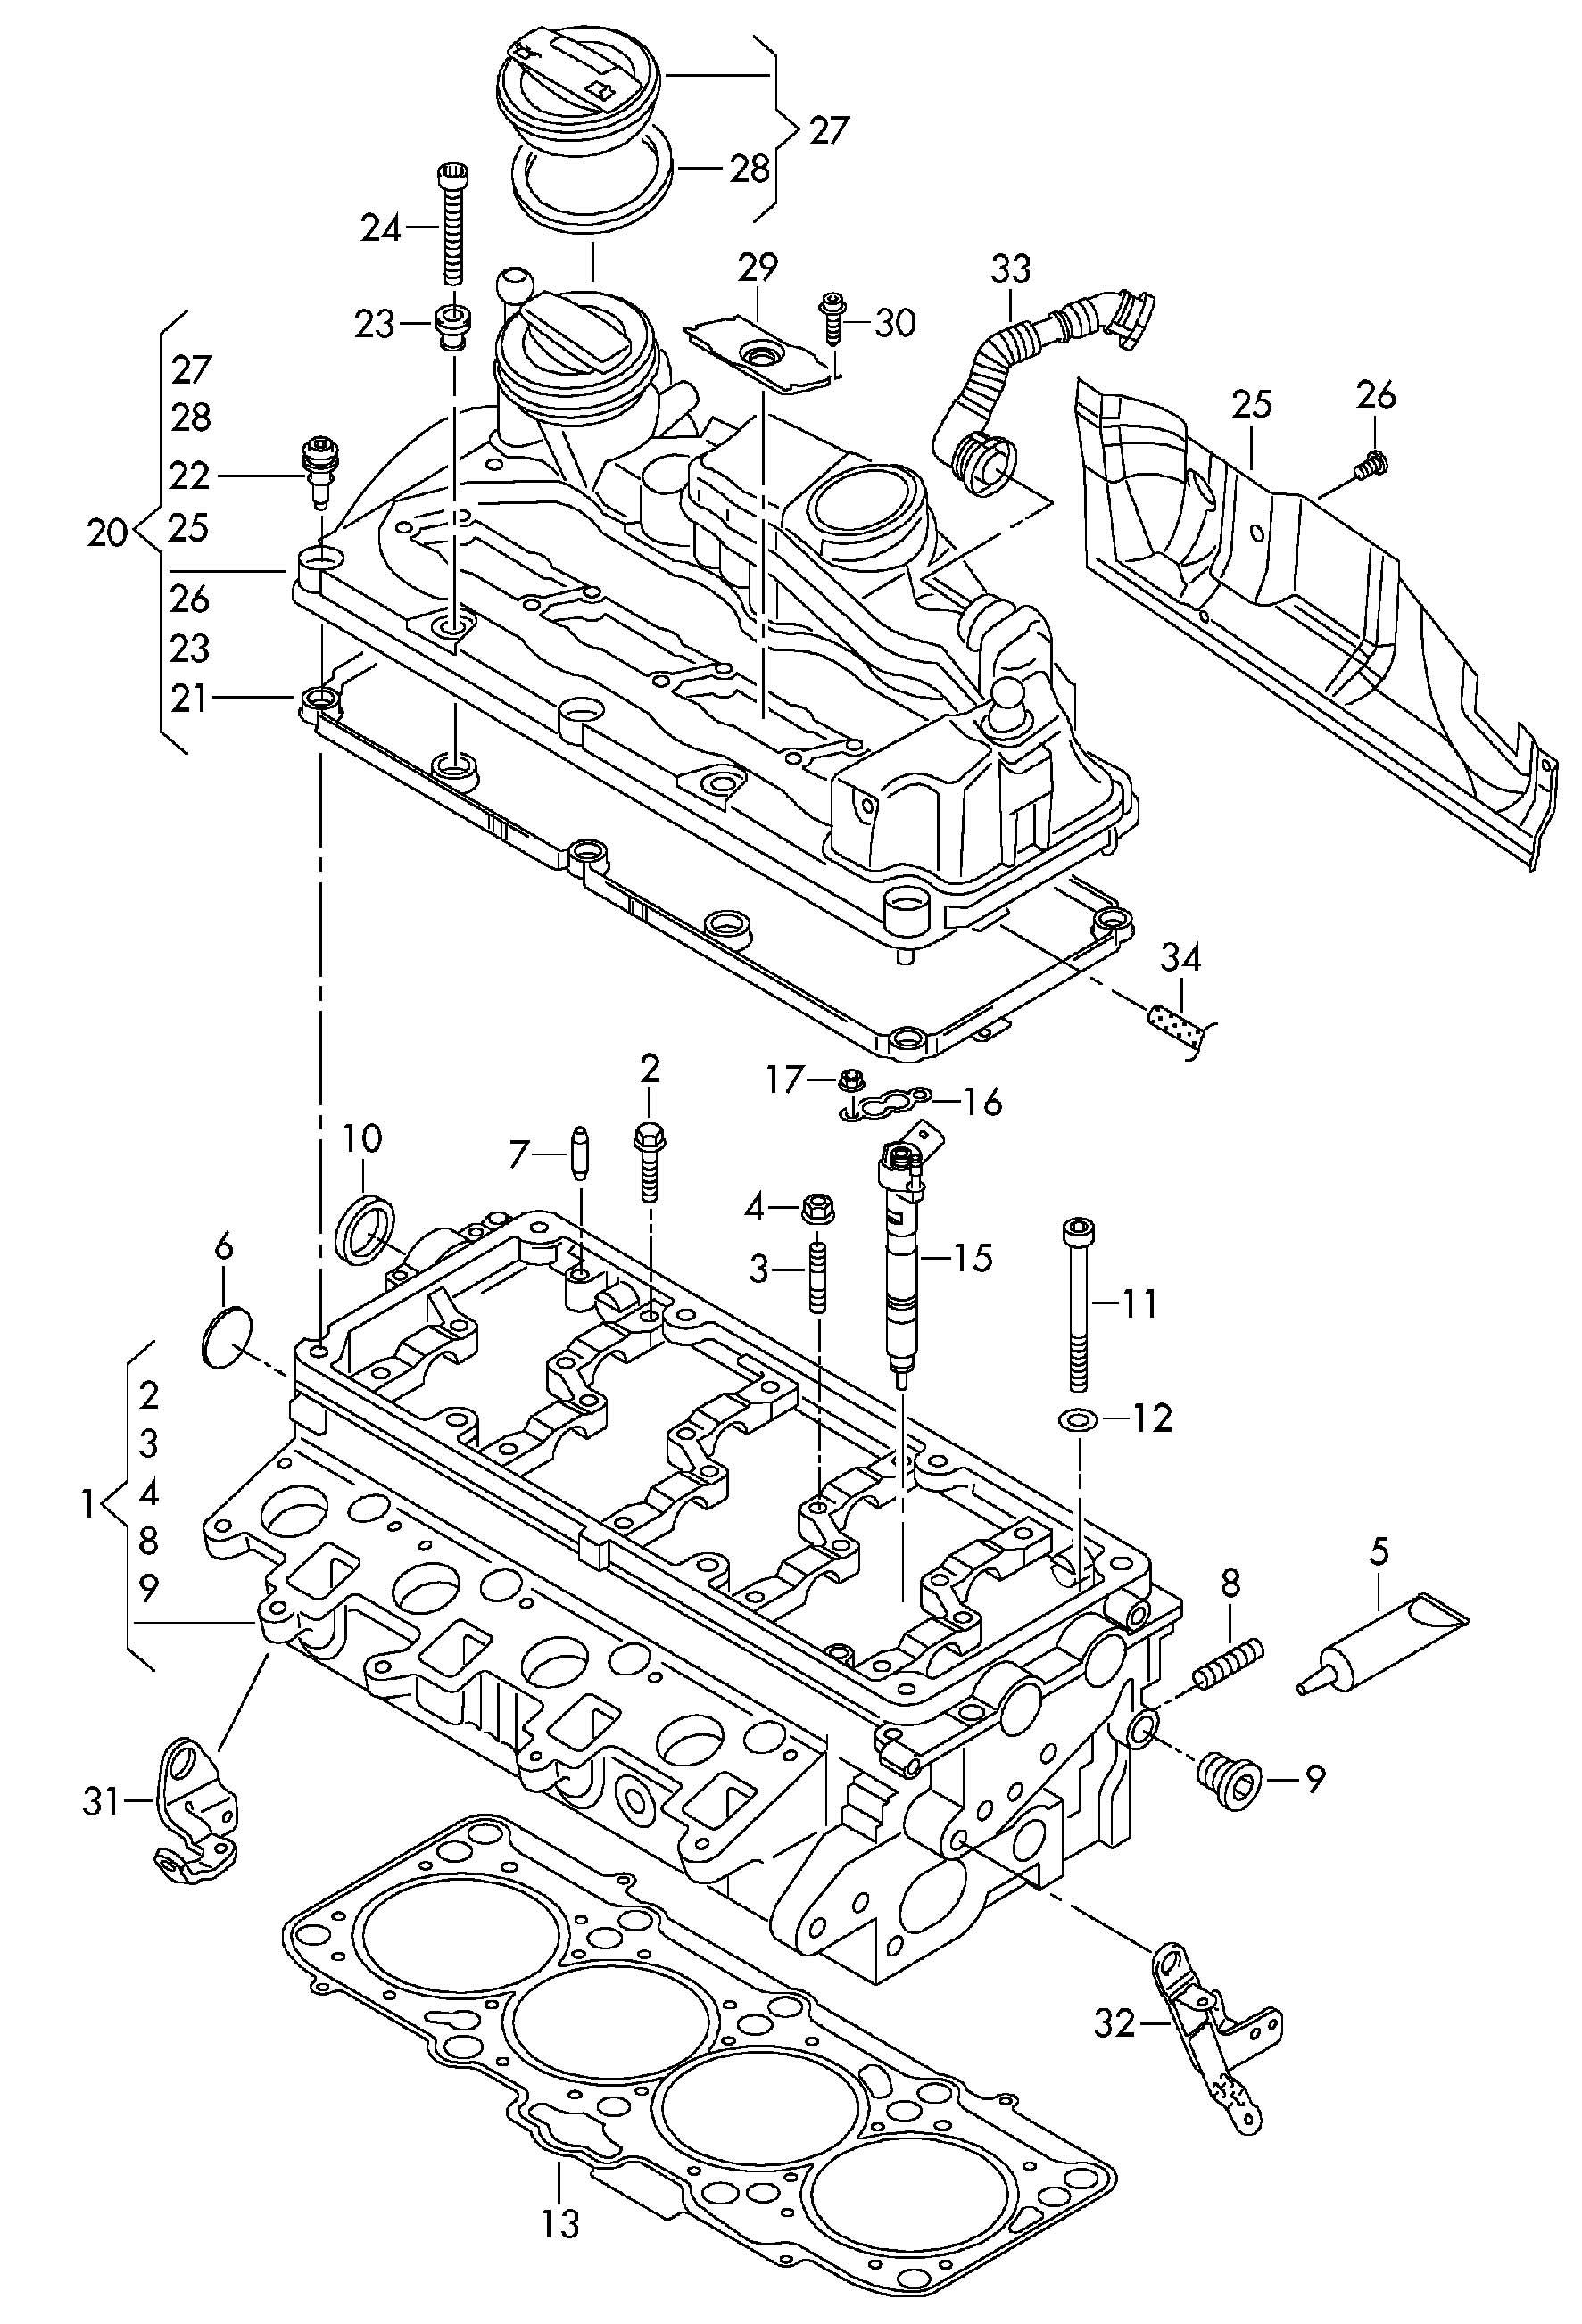 81 rabbit diesel engine